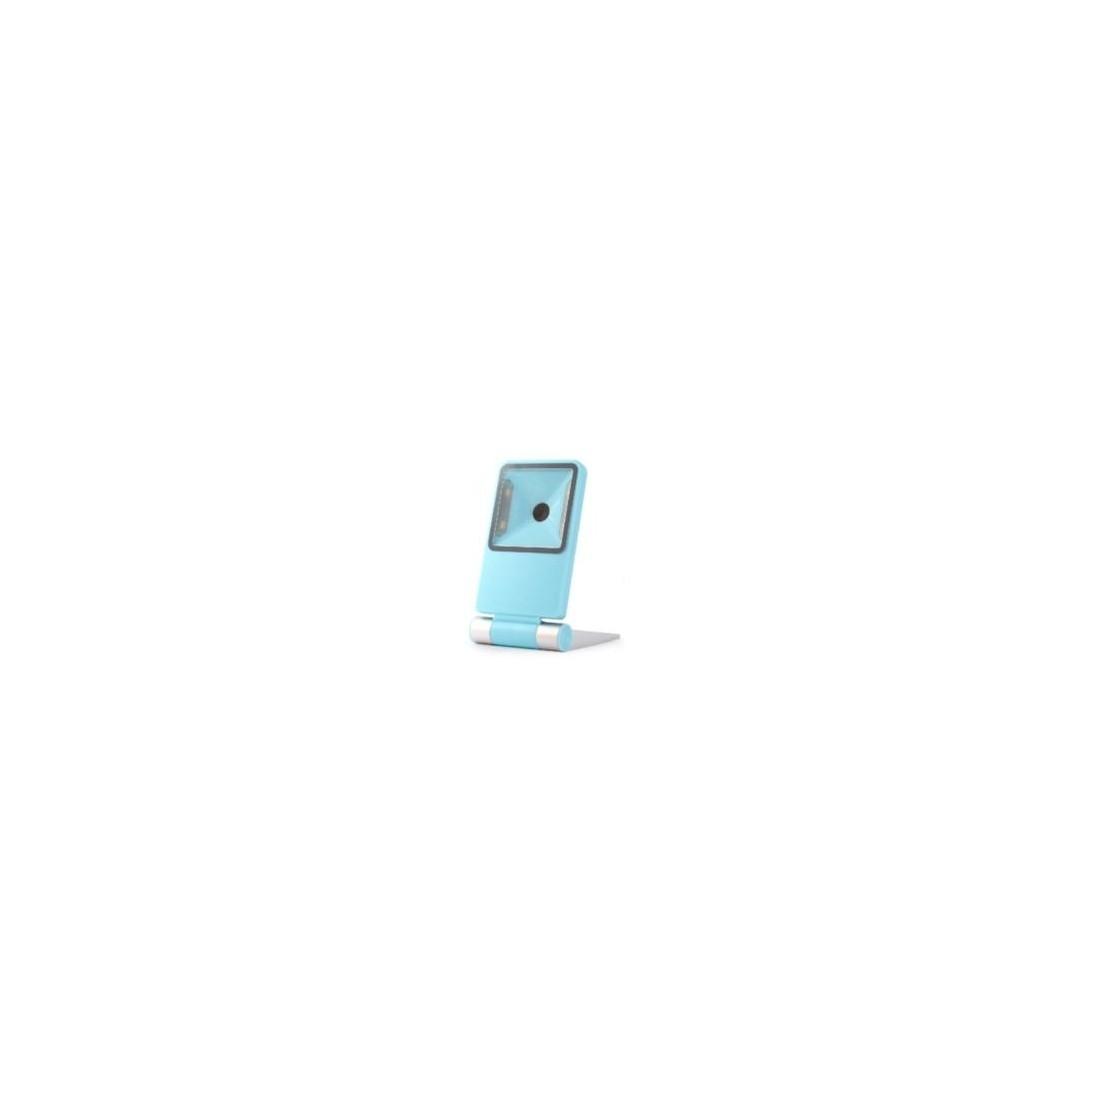 Stacjonarny czytnik kodów 2d qr Aztec MaxiCode ekrany monitory